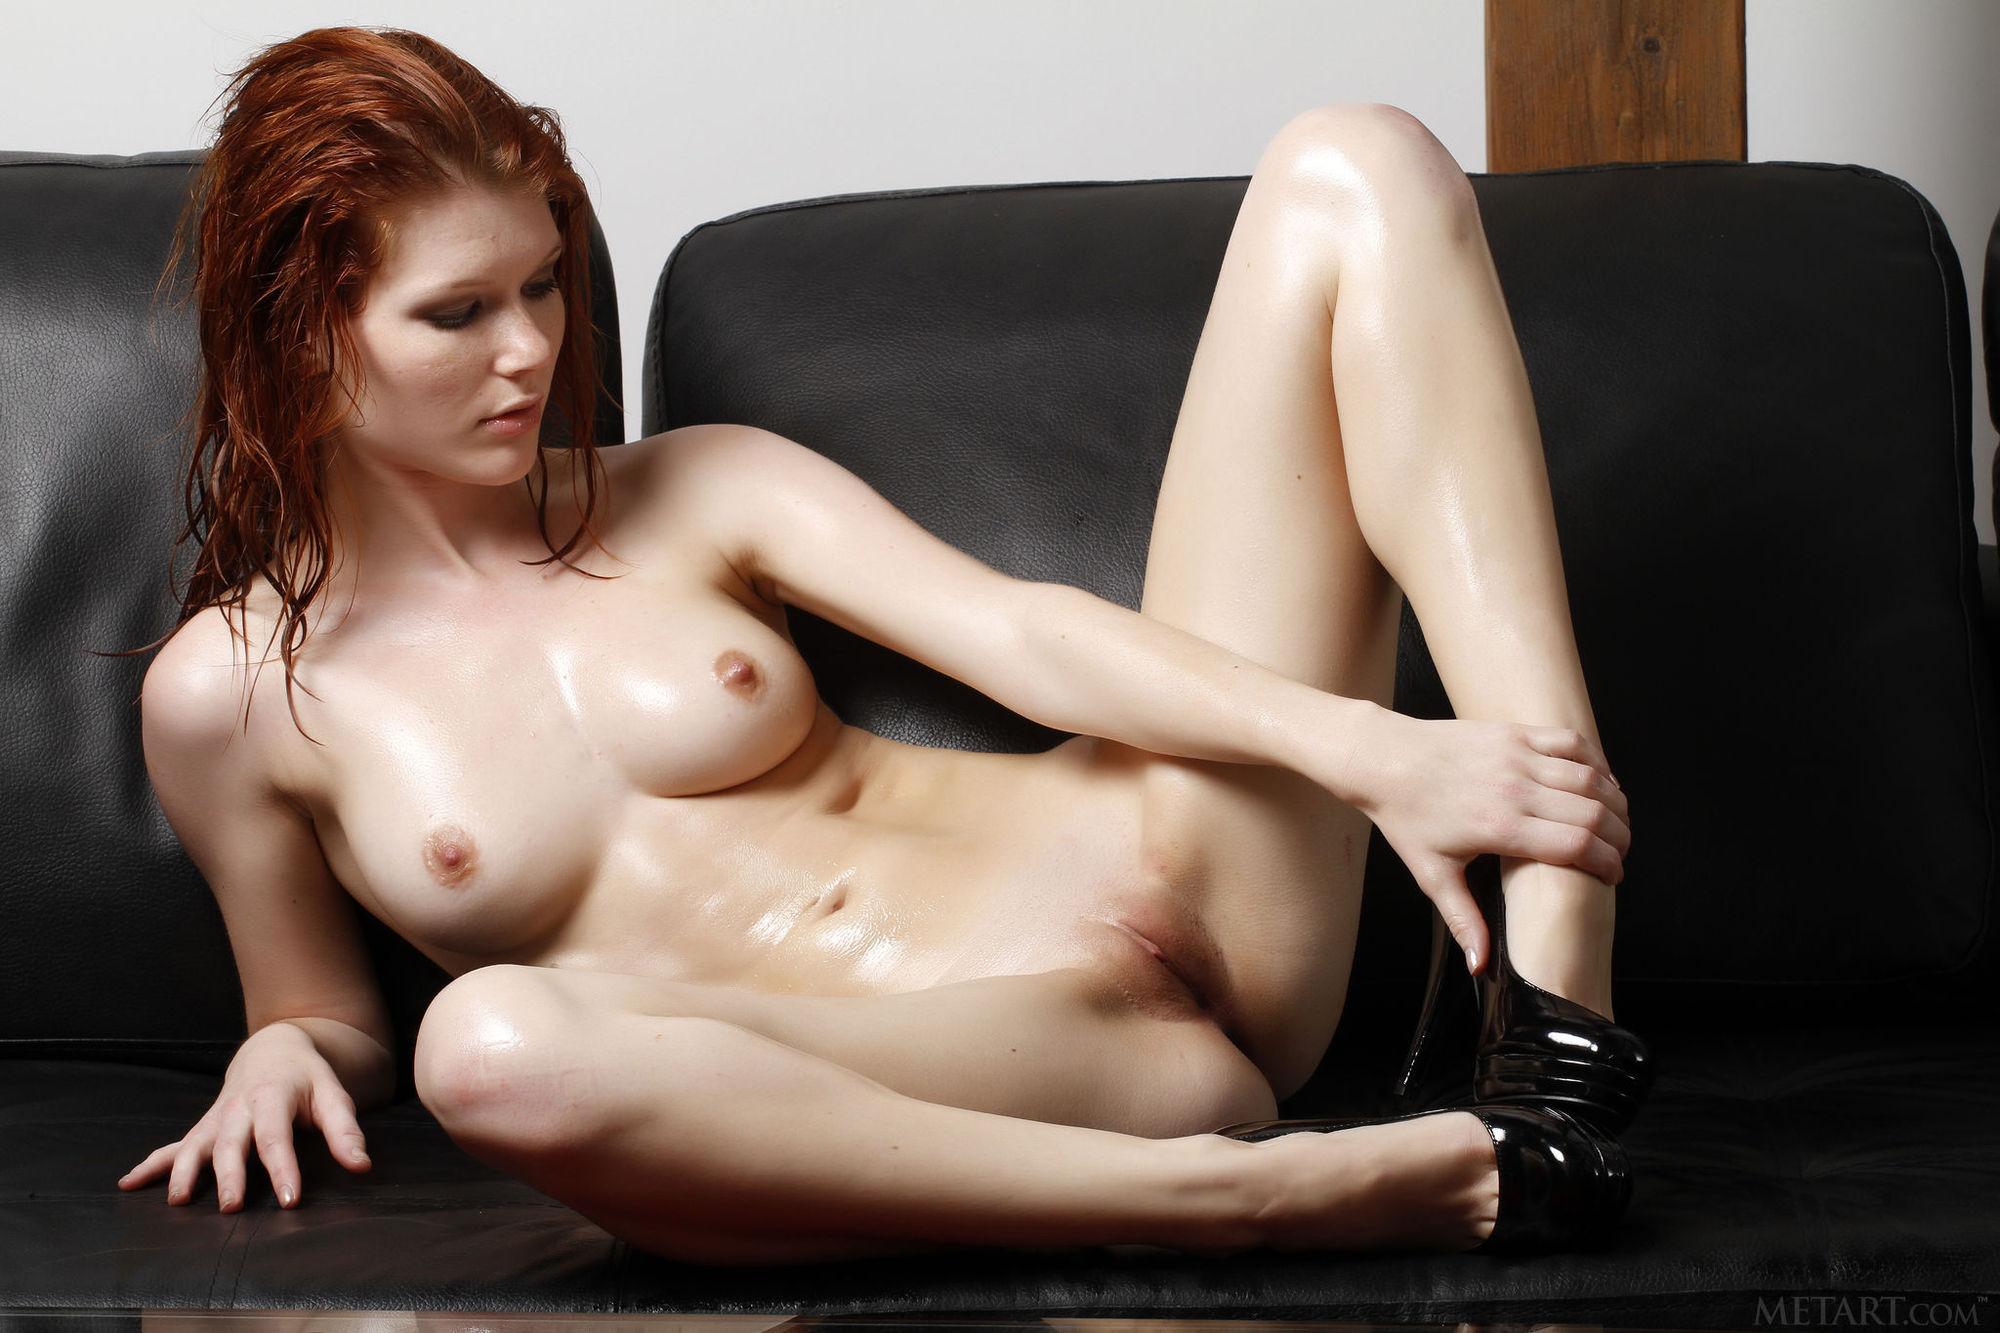 Фото голой рыжей девушки 9 фотография